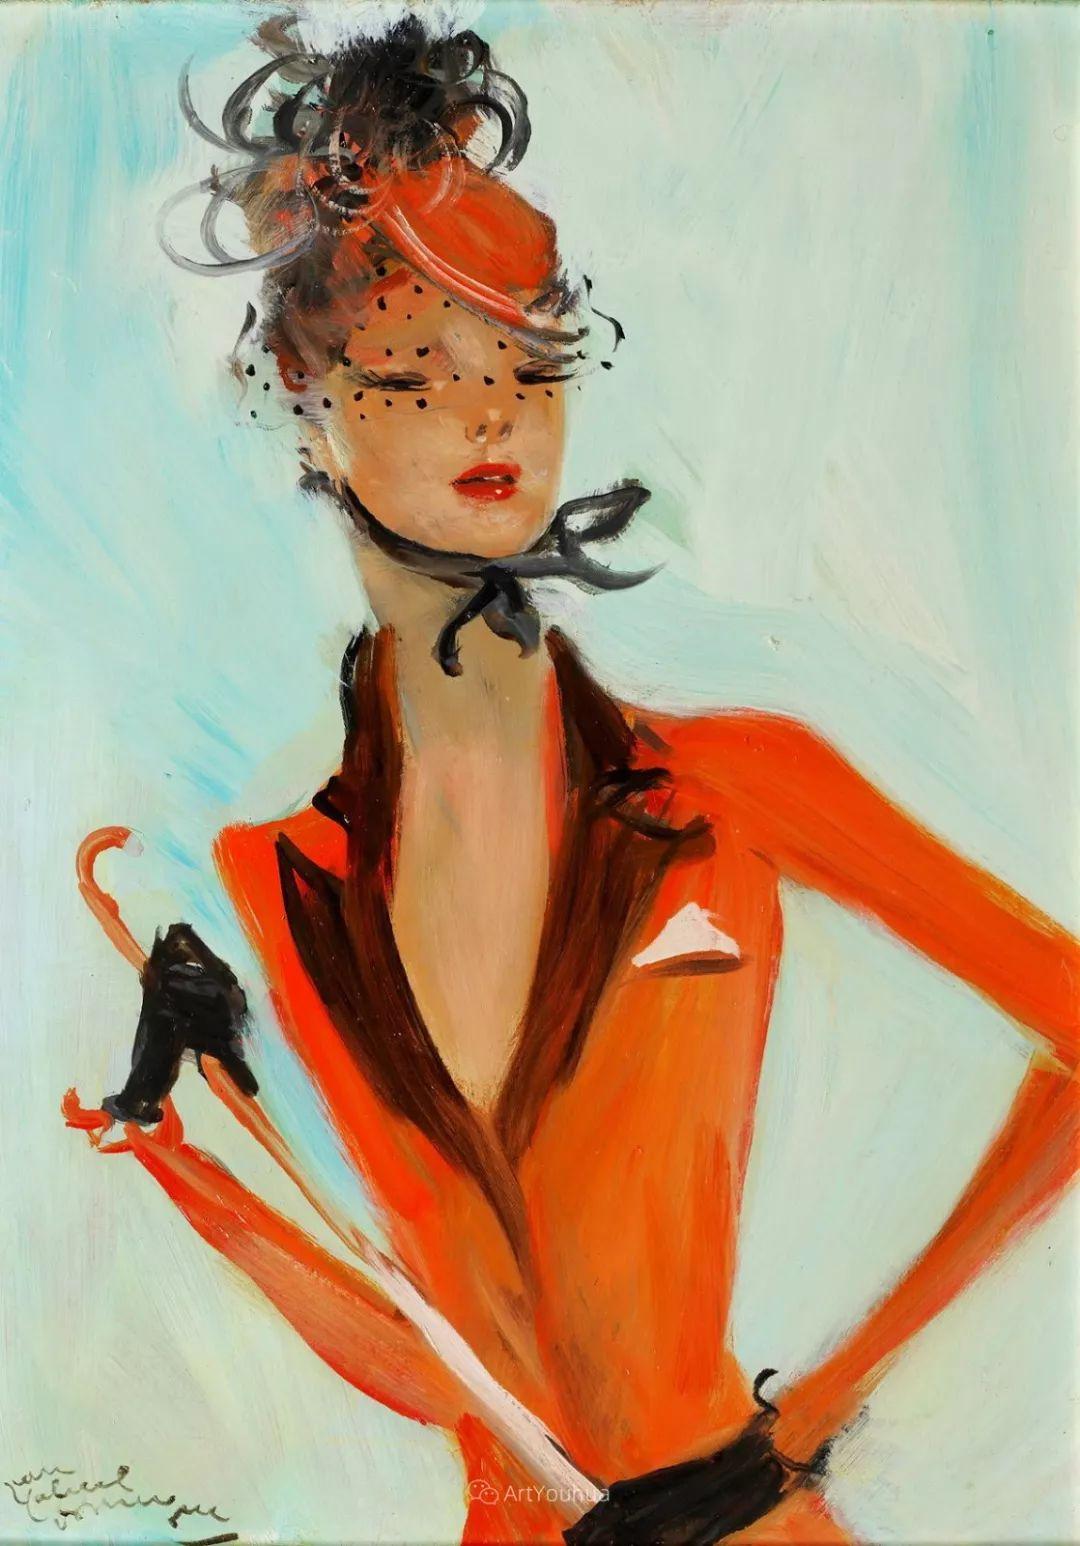 他画中的美女:典雅美丽天鹅颈,脸上带着调情趣味插图41